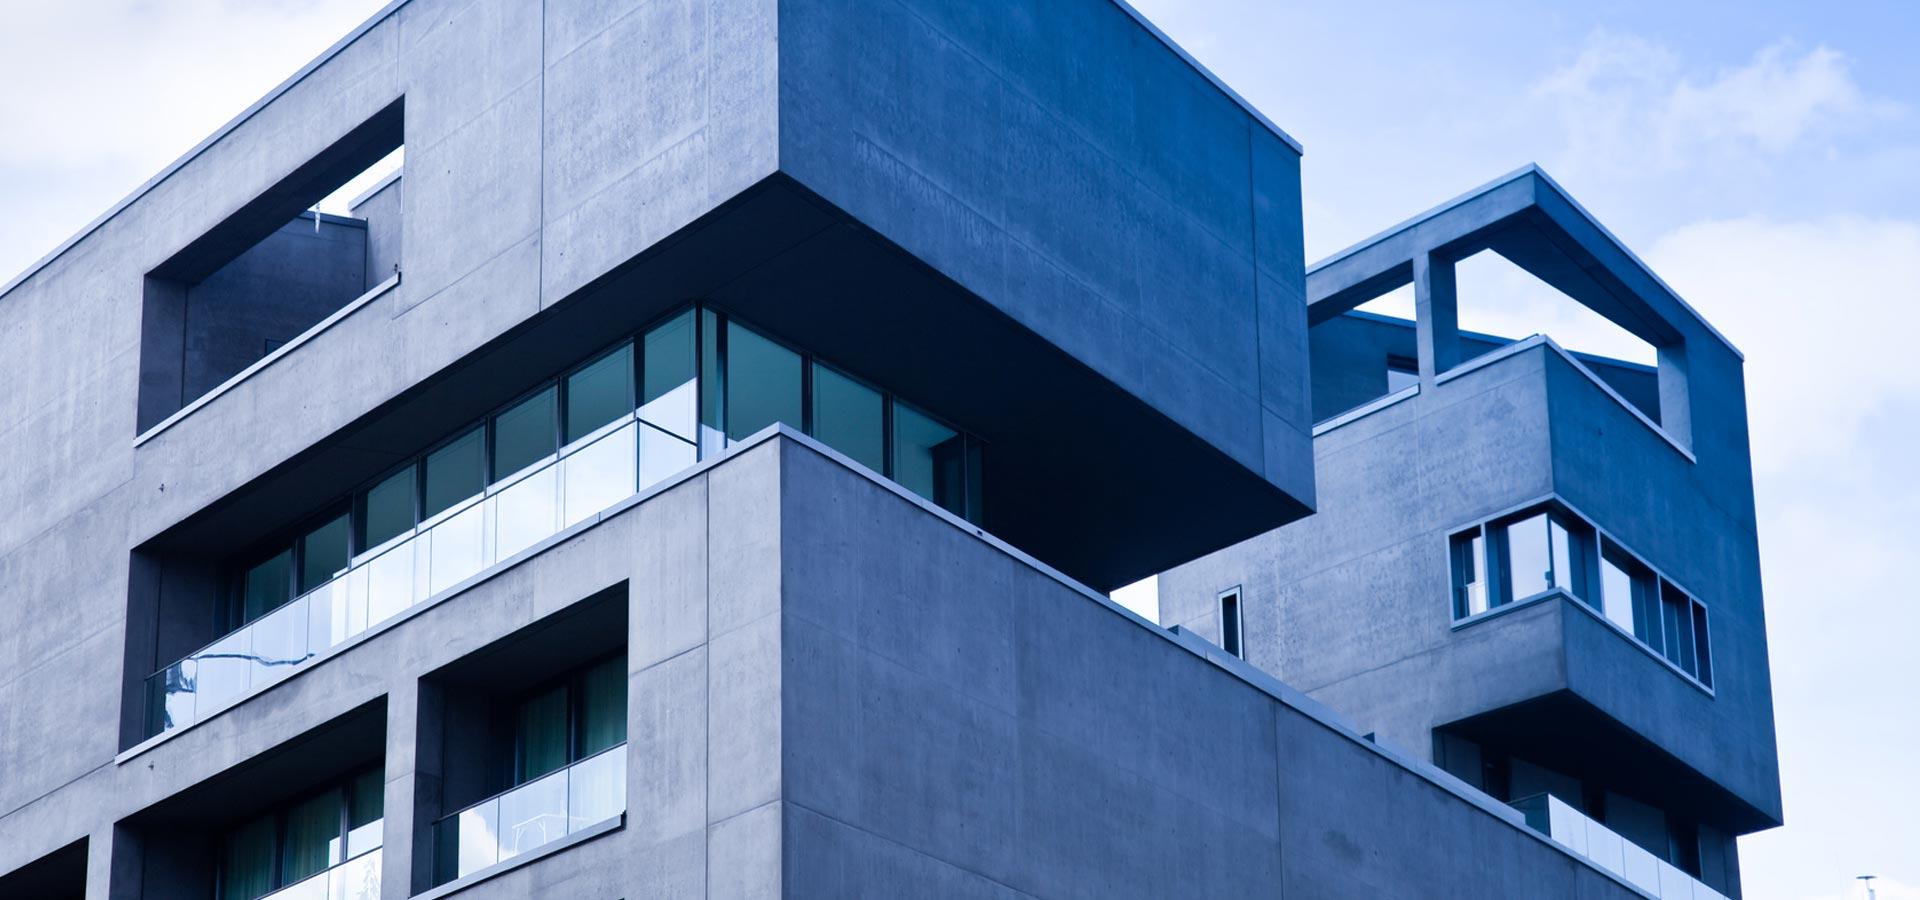 Obergeschoss zählt alle Geschosse zwischen Erd- und Dachgeschoss